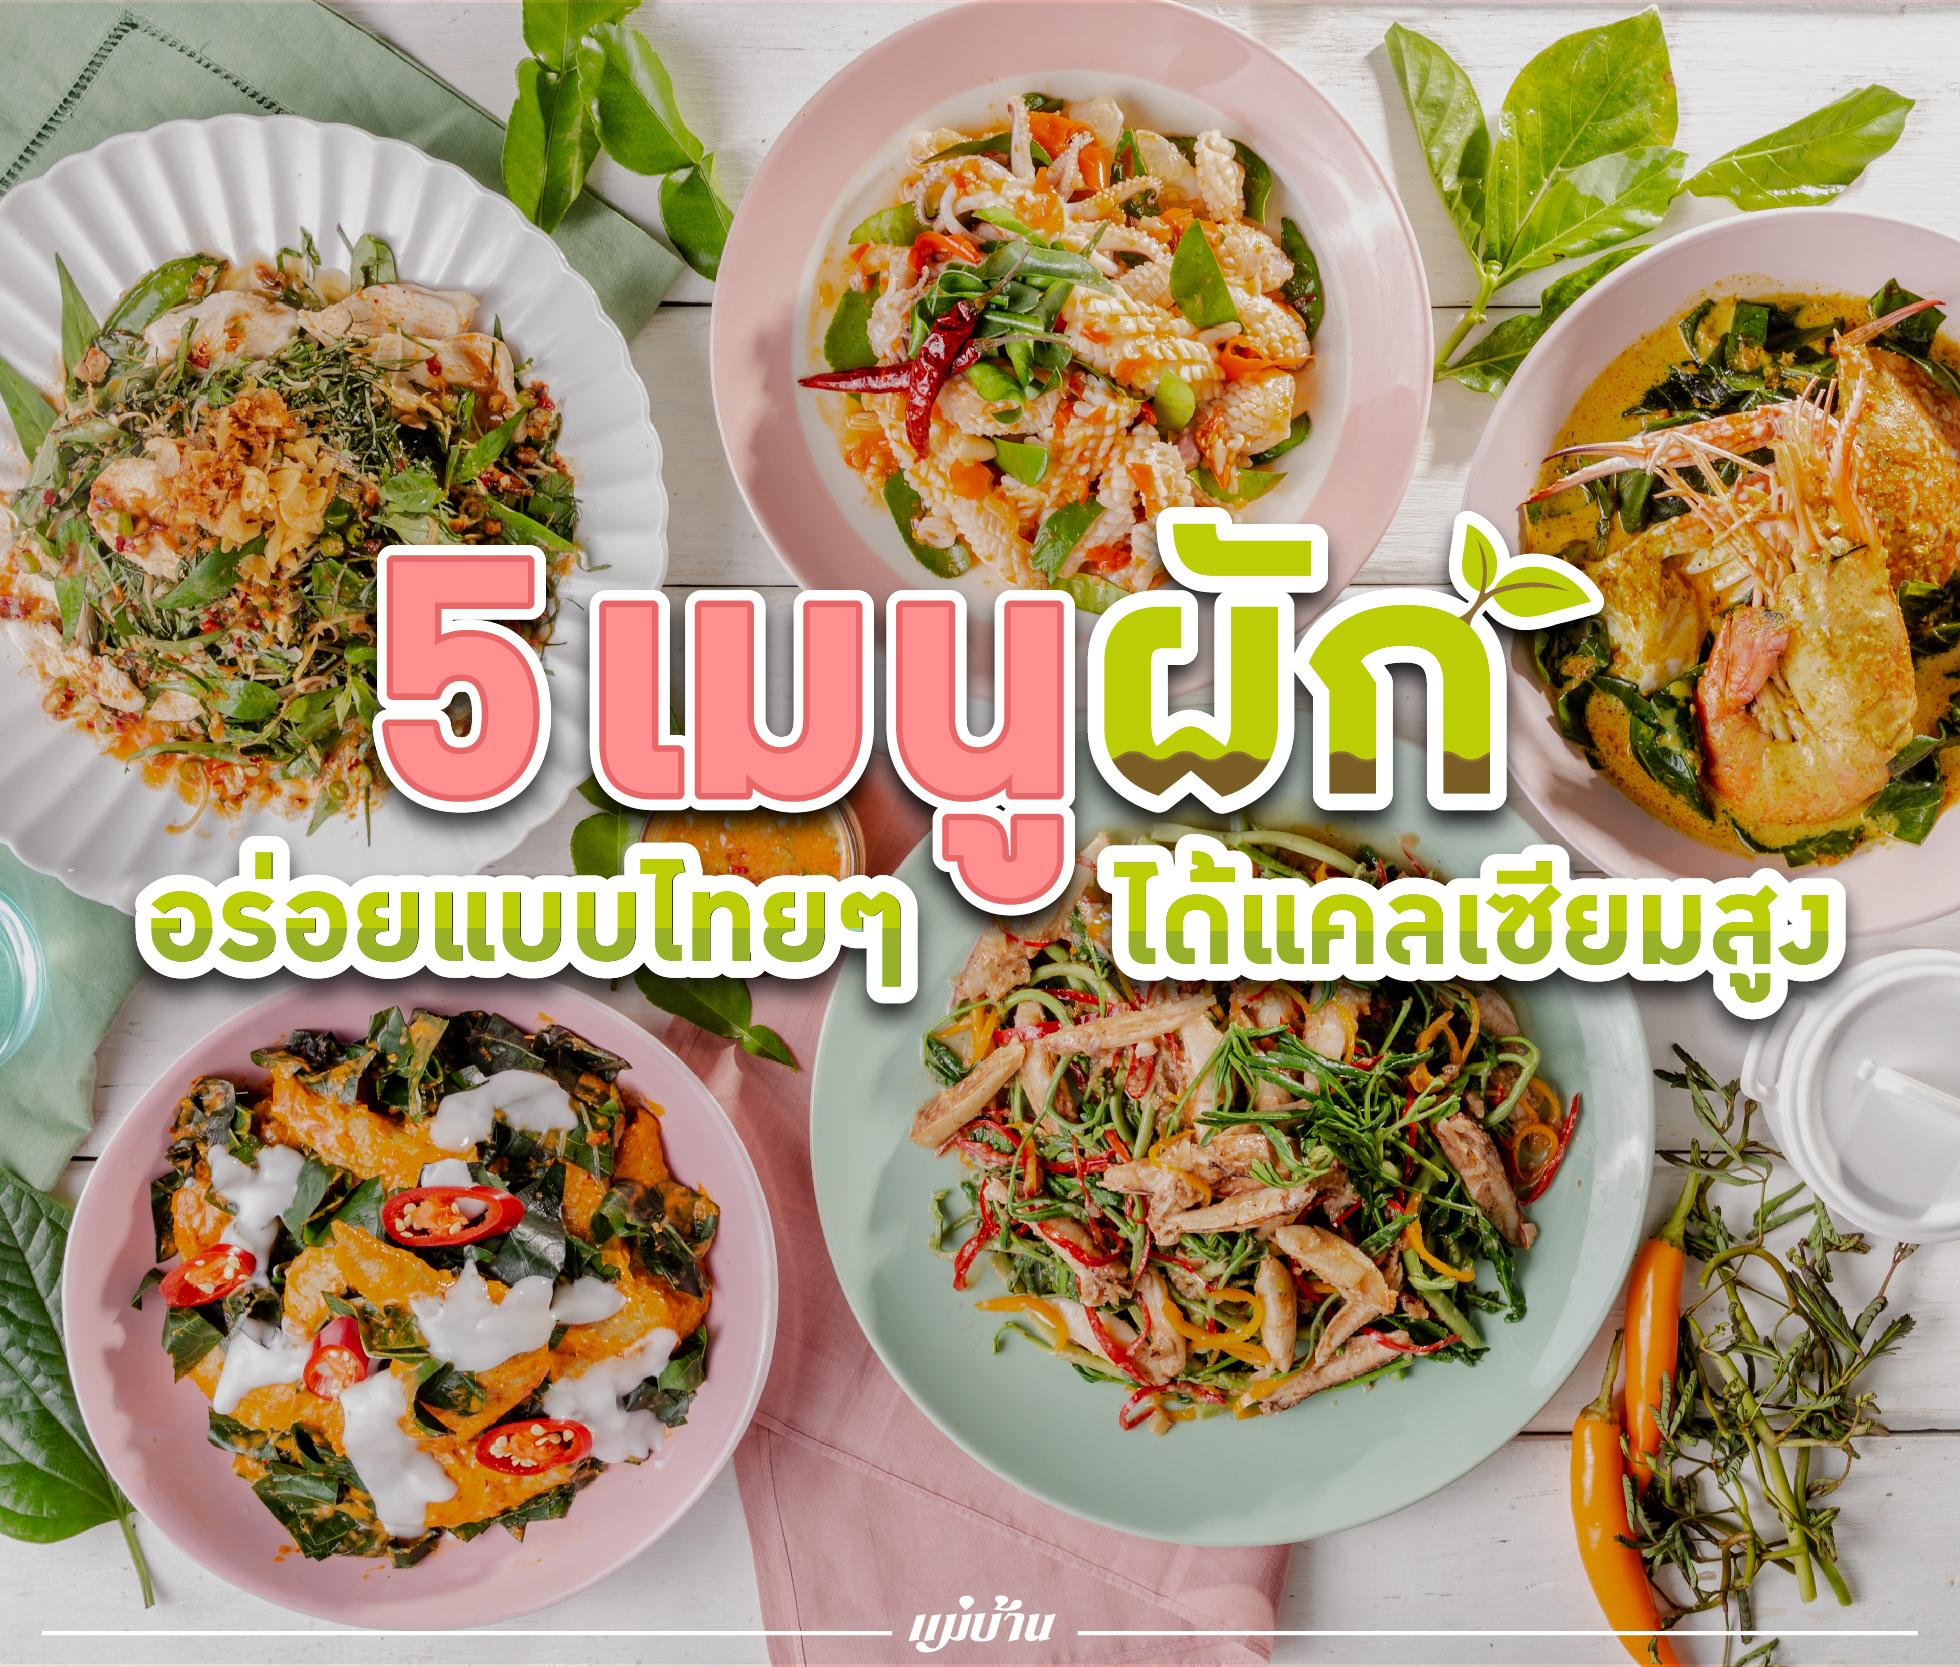 5 เมนูผัก อร่อยแบบไทยๆ ได้แคลเซียมสูง สำนักพิมพ์แม่บ้าน